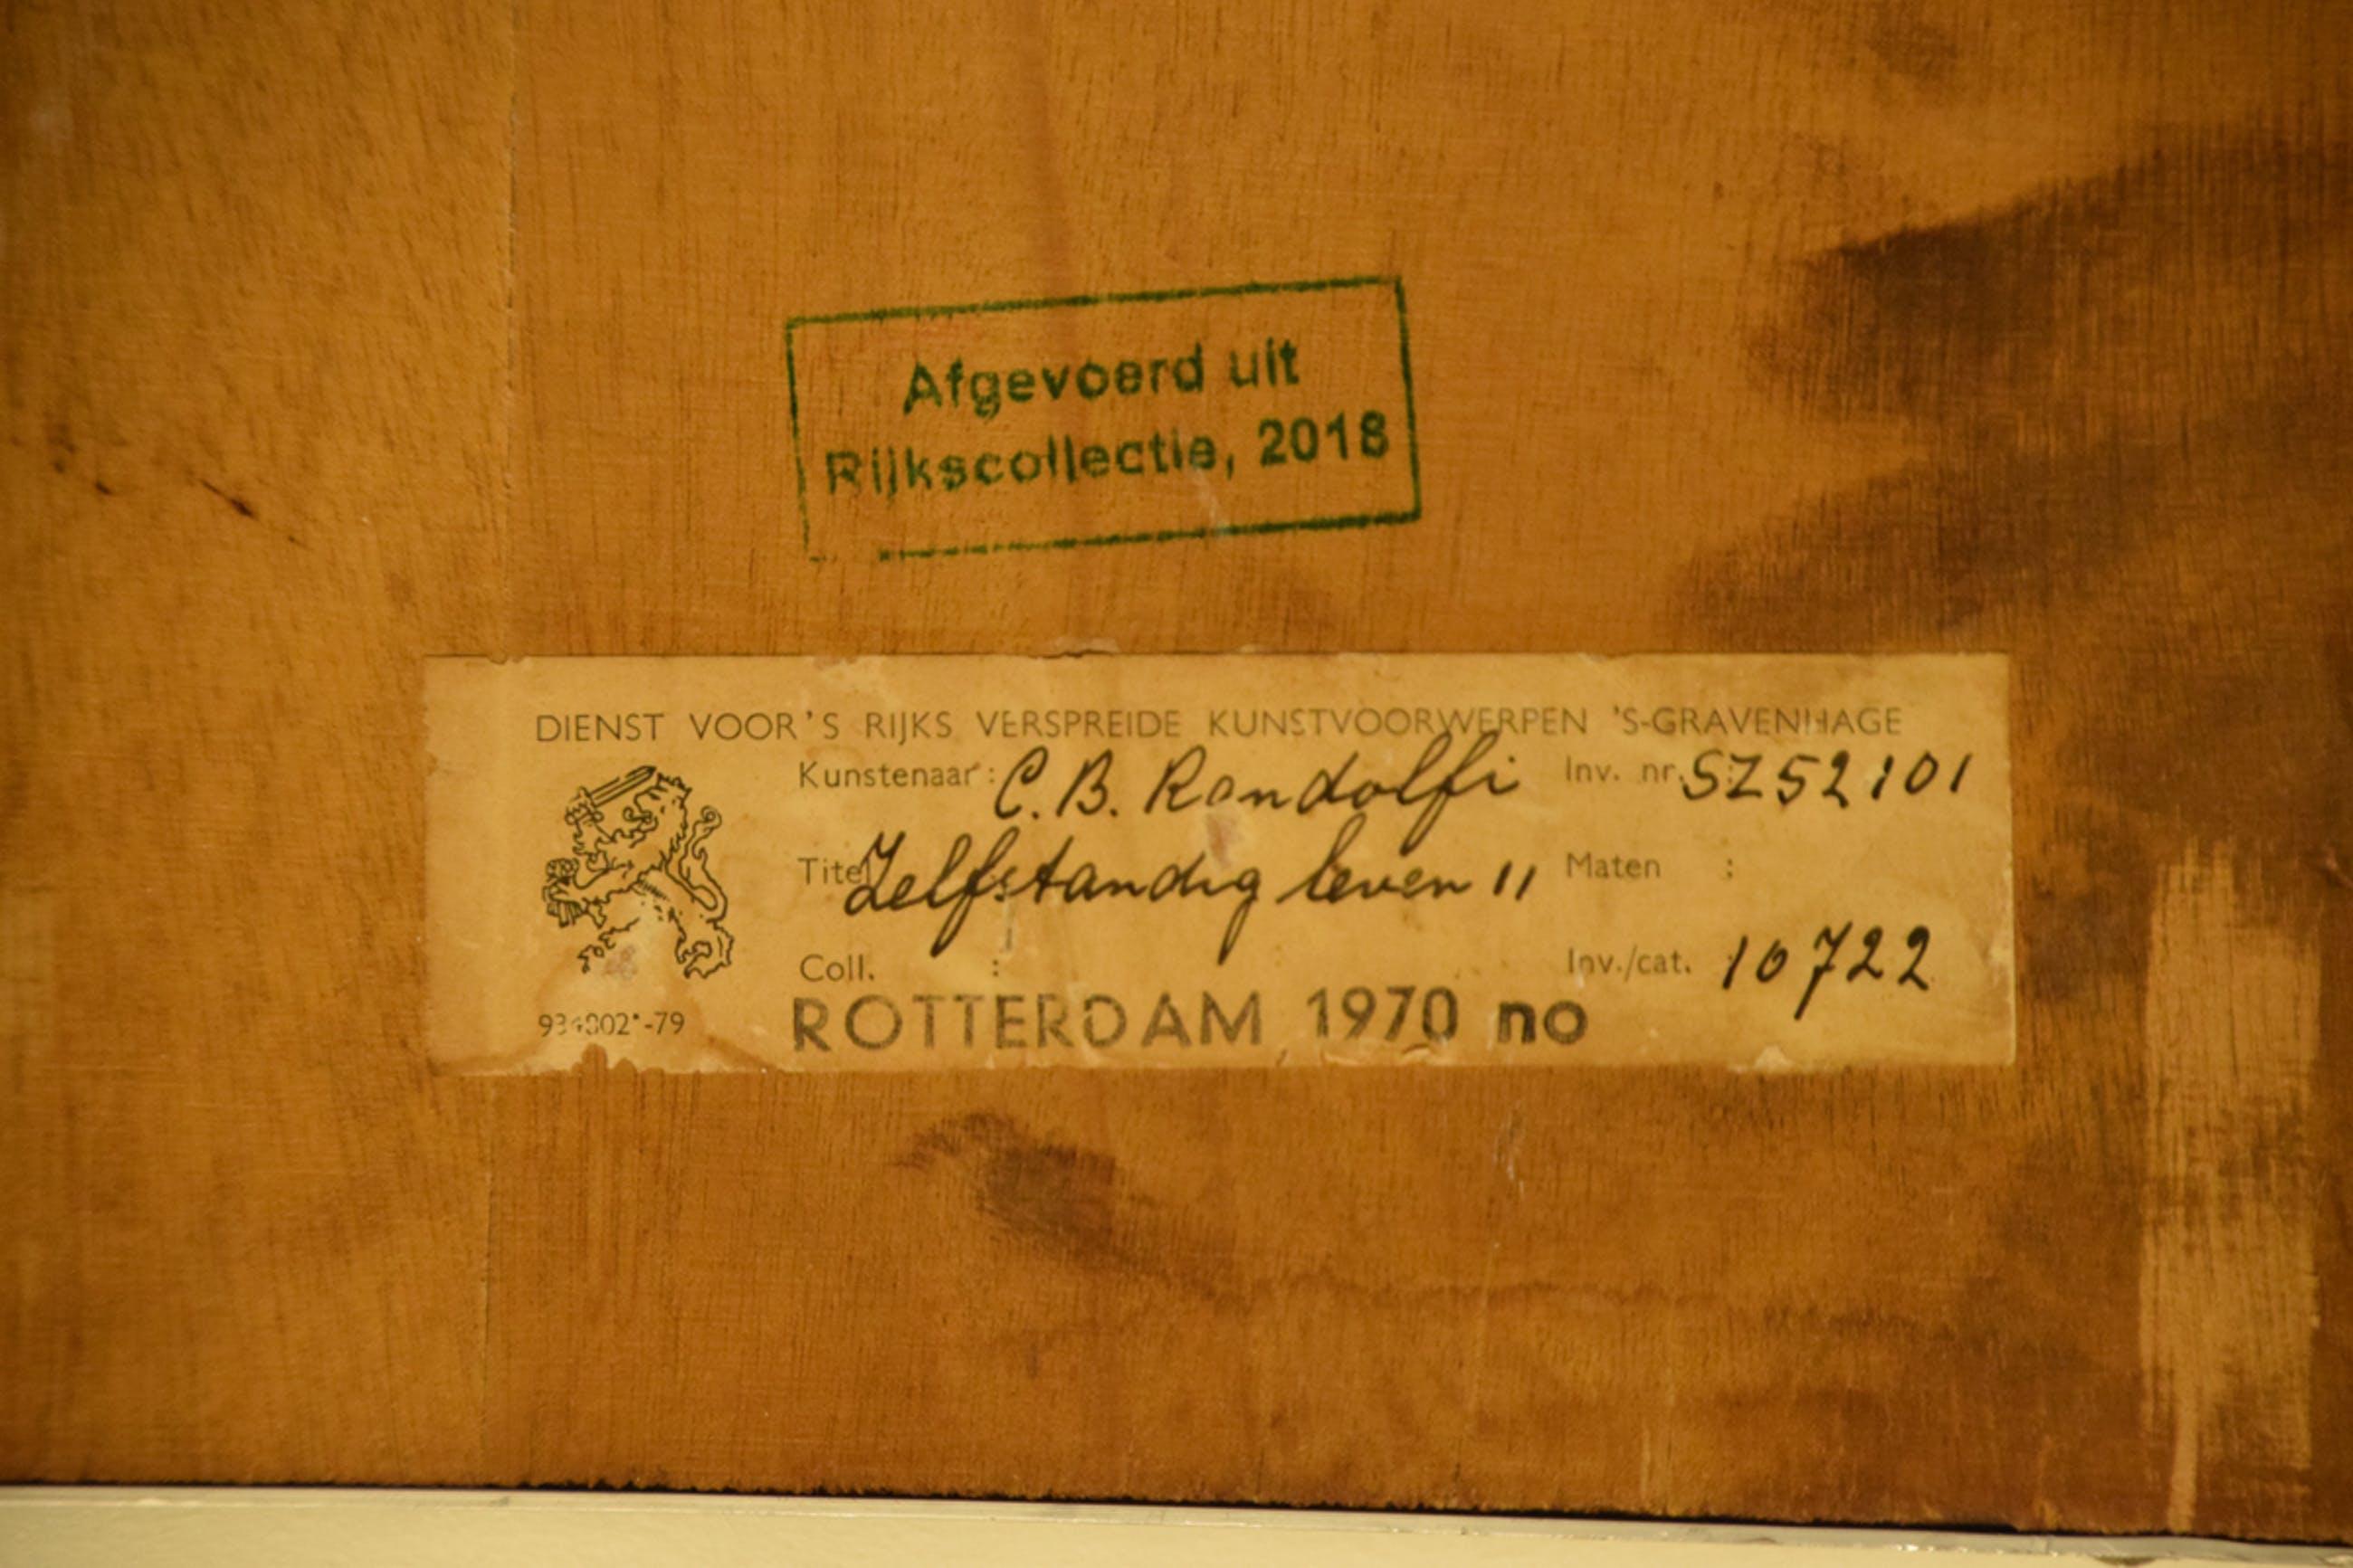 Benno Randolfi - Zelfstandig leven, 2/9, 1970 - Ets op papier - BKR Rotterdam kopen? Bied vanaf 20!